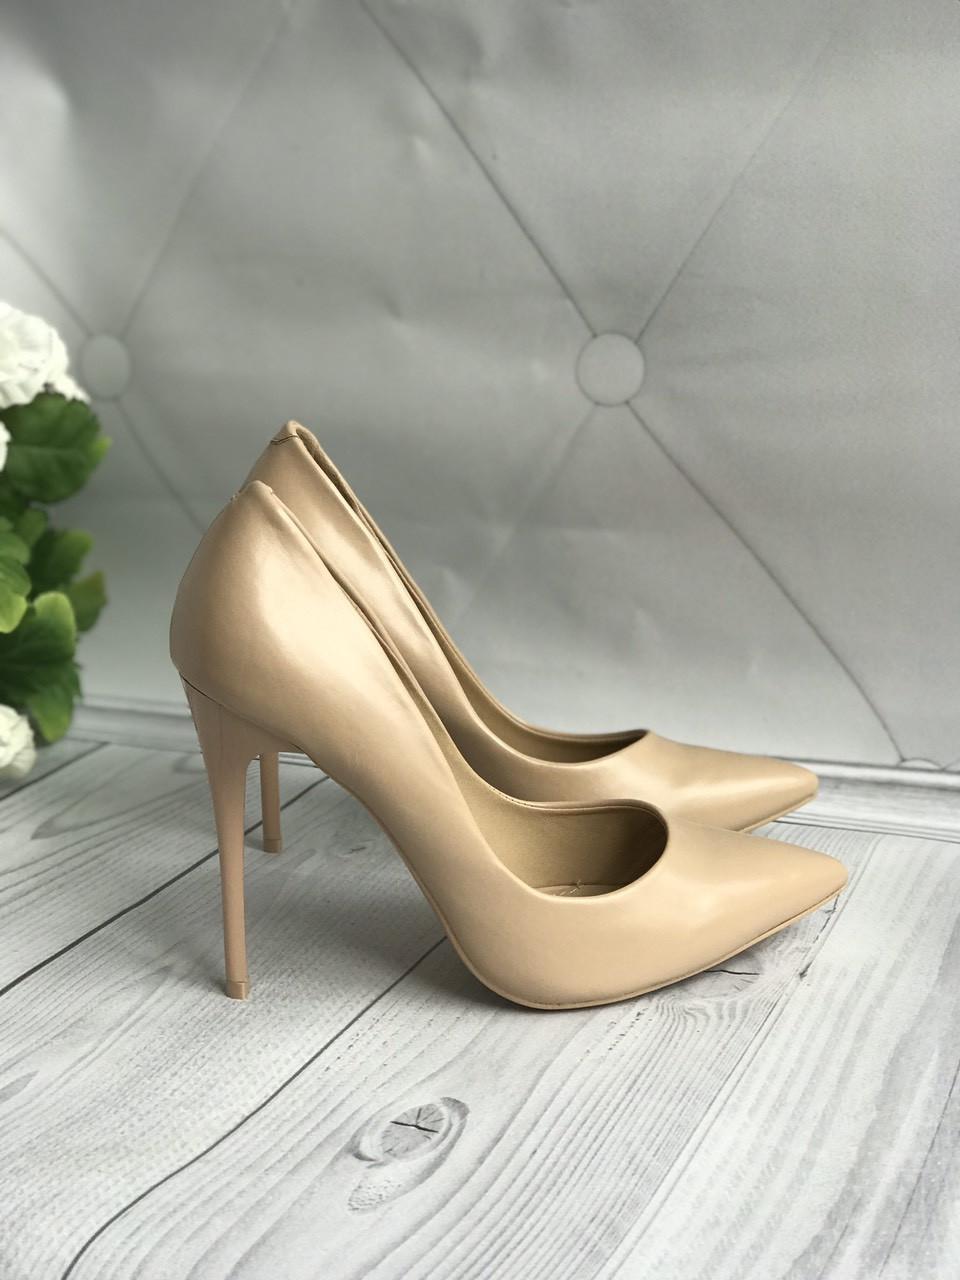 c0838de0b Купить туфли лодочки недорого бежевые - интернет-магазин обуви